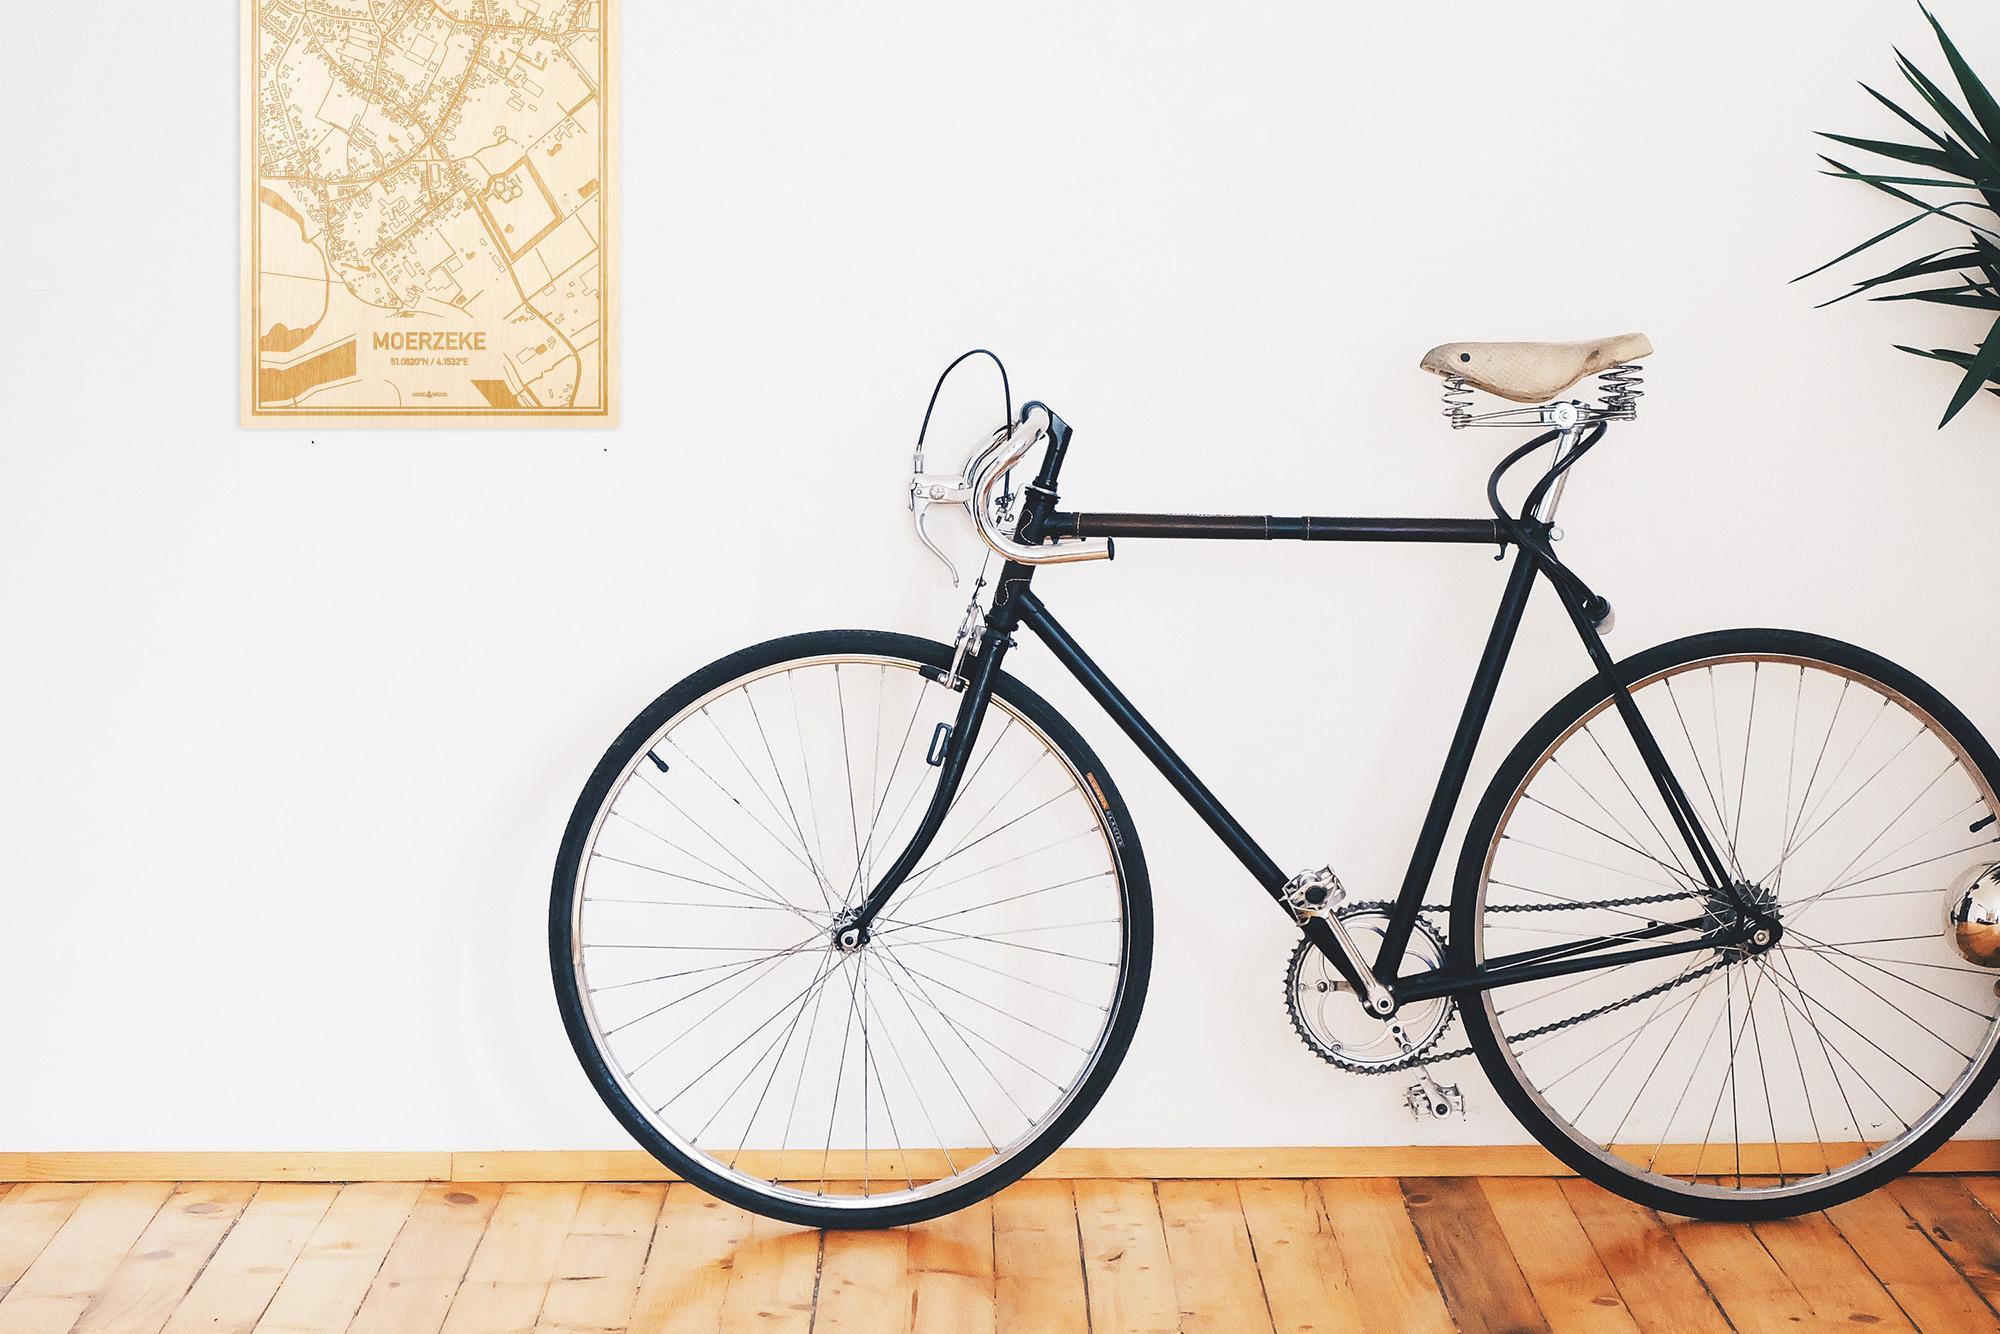 Een snelle fiets in een uniek interieur in Oost-Vlaanderen  met mooie decoratie zoals de plattegrond Moerzeke.